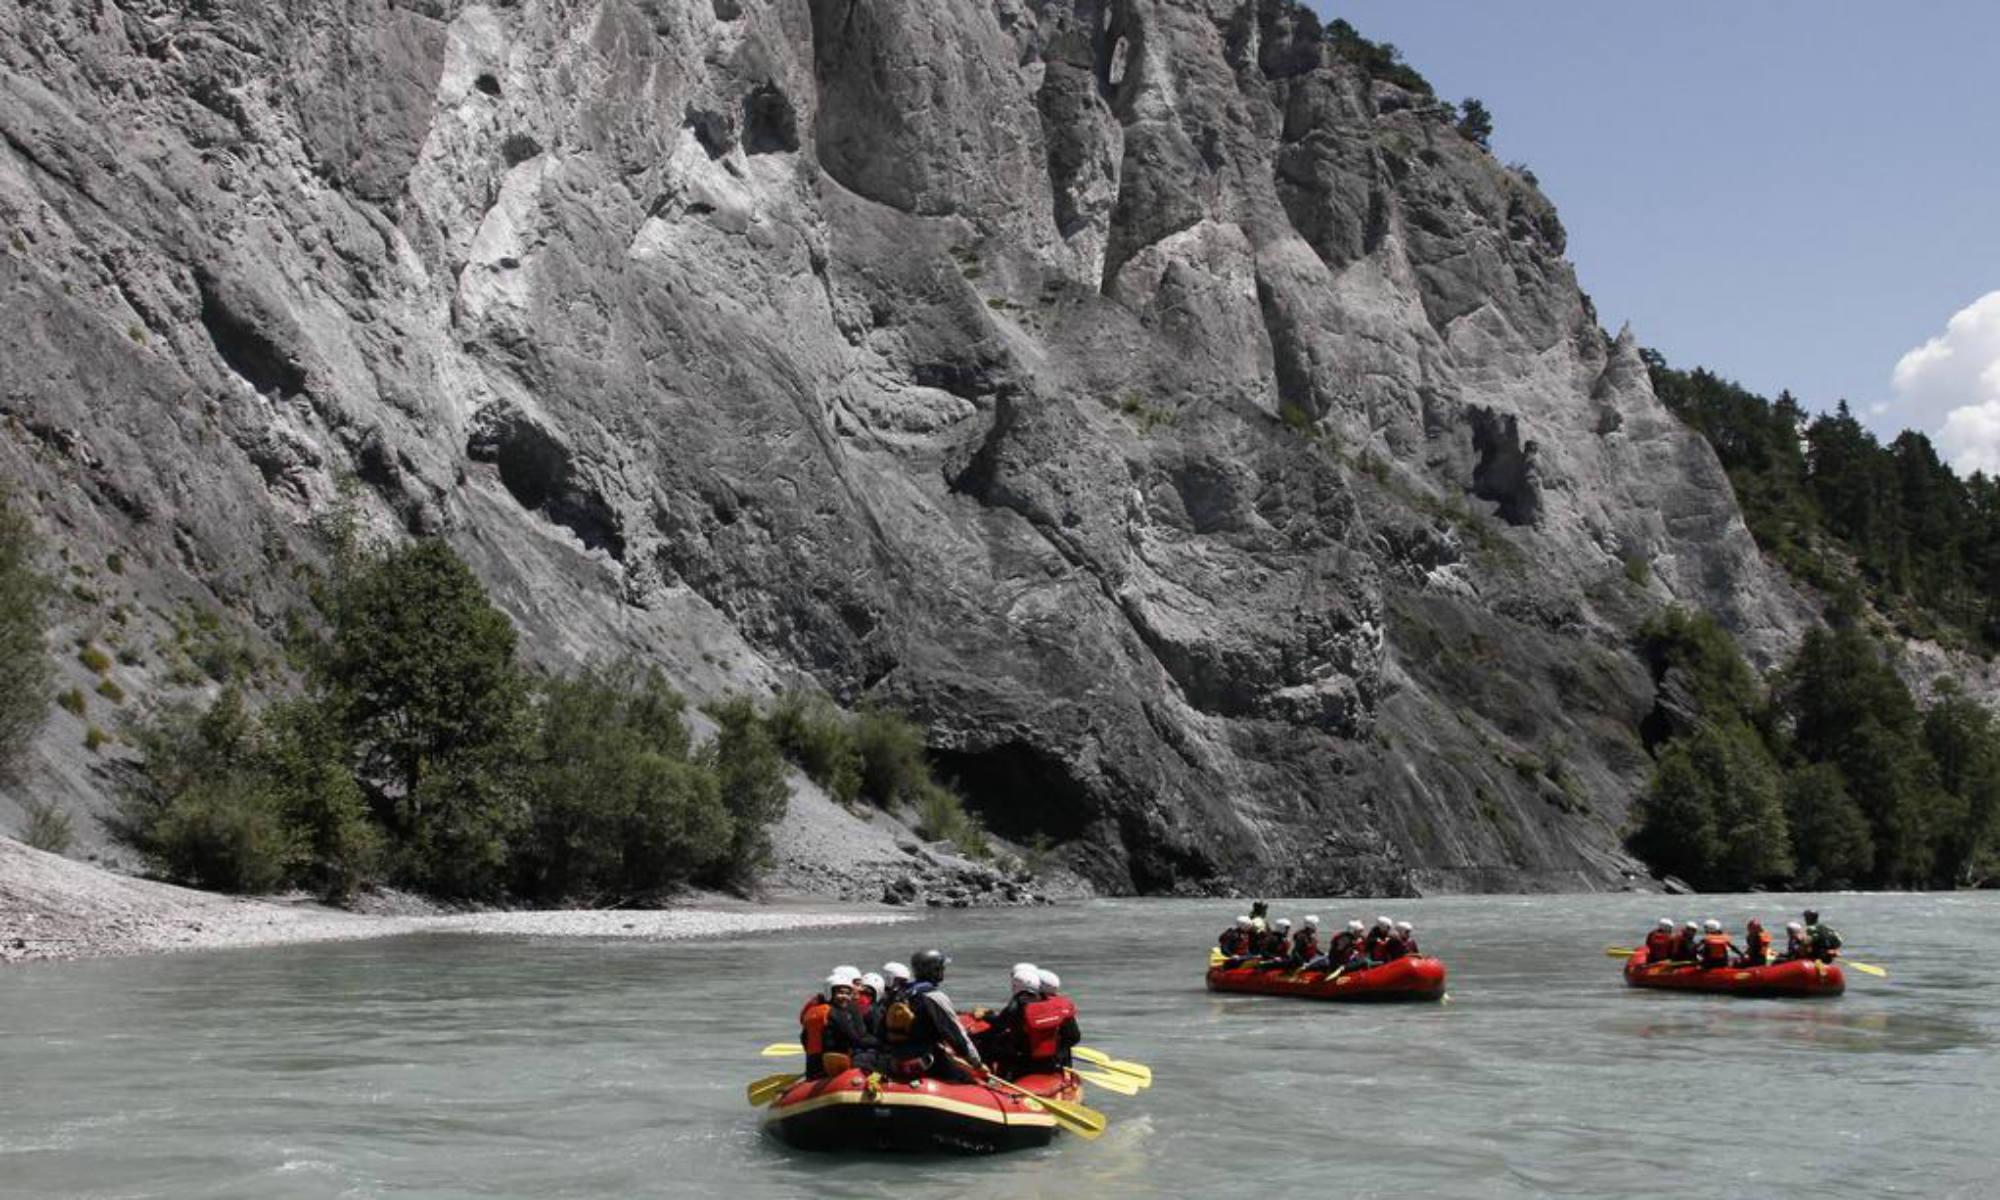 Mehrere Gruppen beim Rafting am Vorderrhein in der Schweiz.